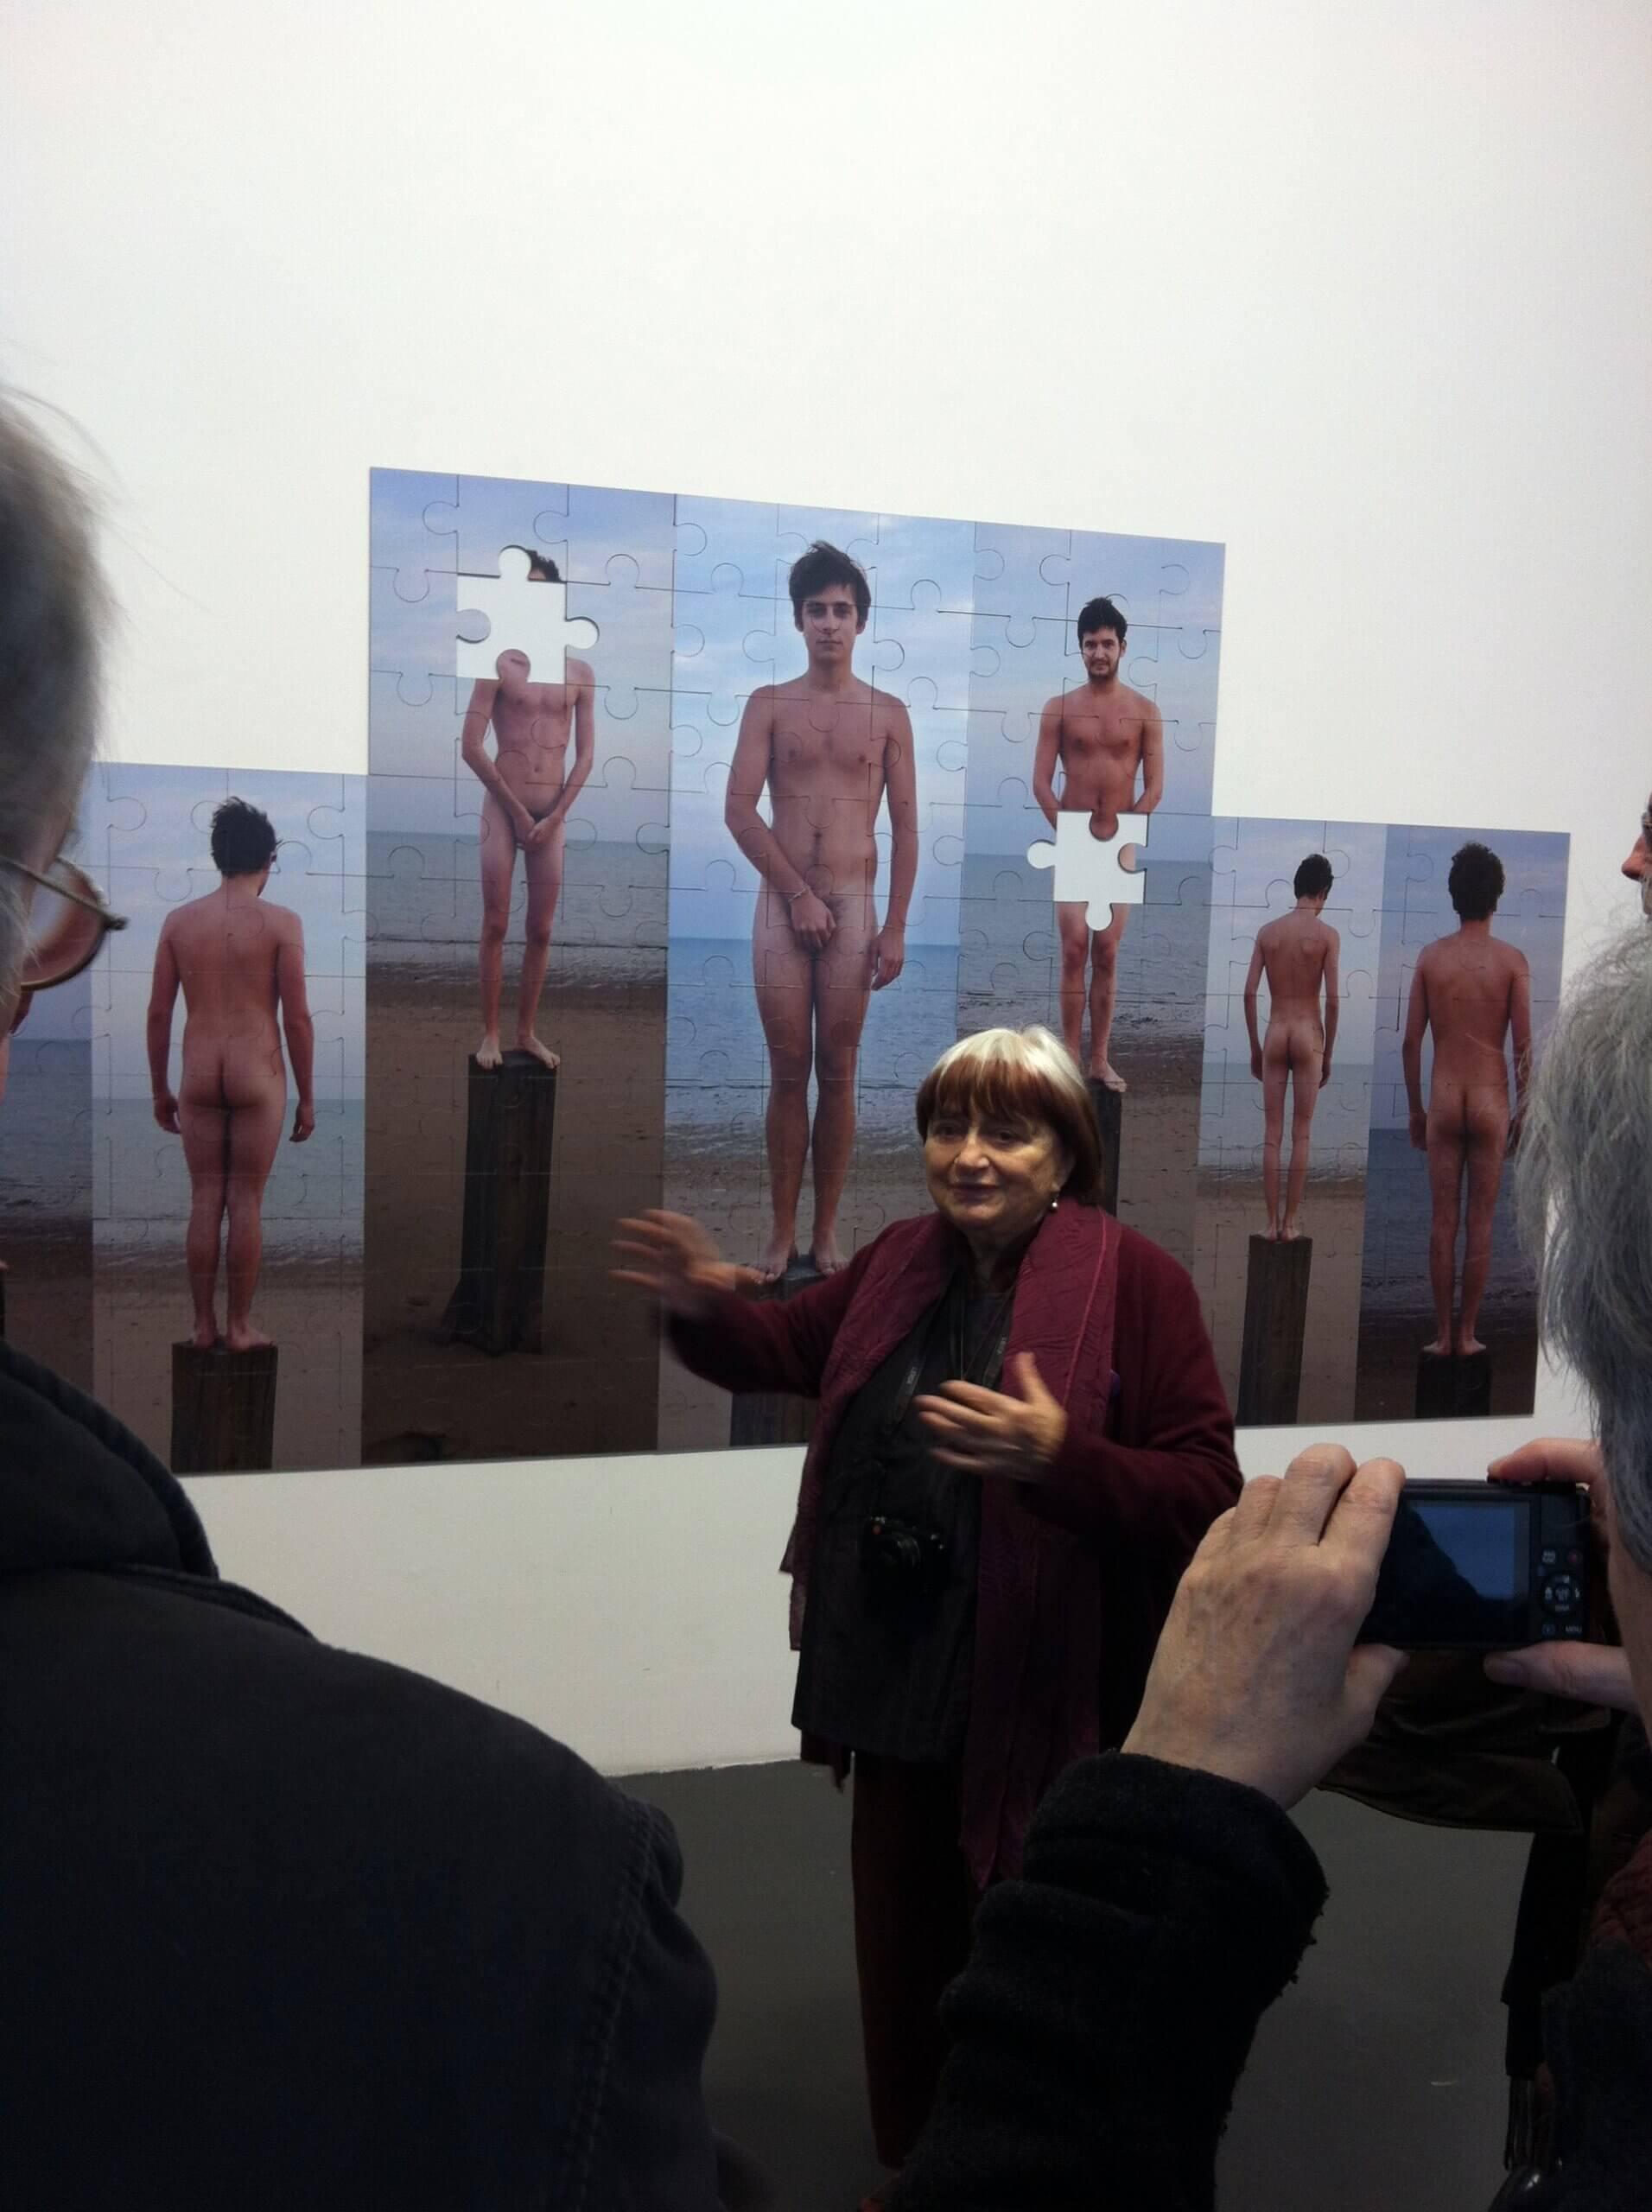 Visite aux cotés d'Agnès Varda à l'occasion de son exposition